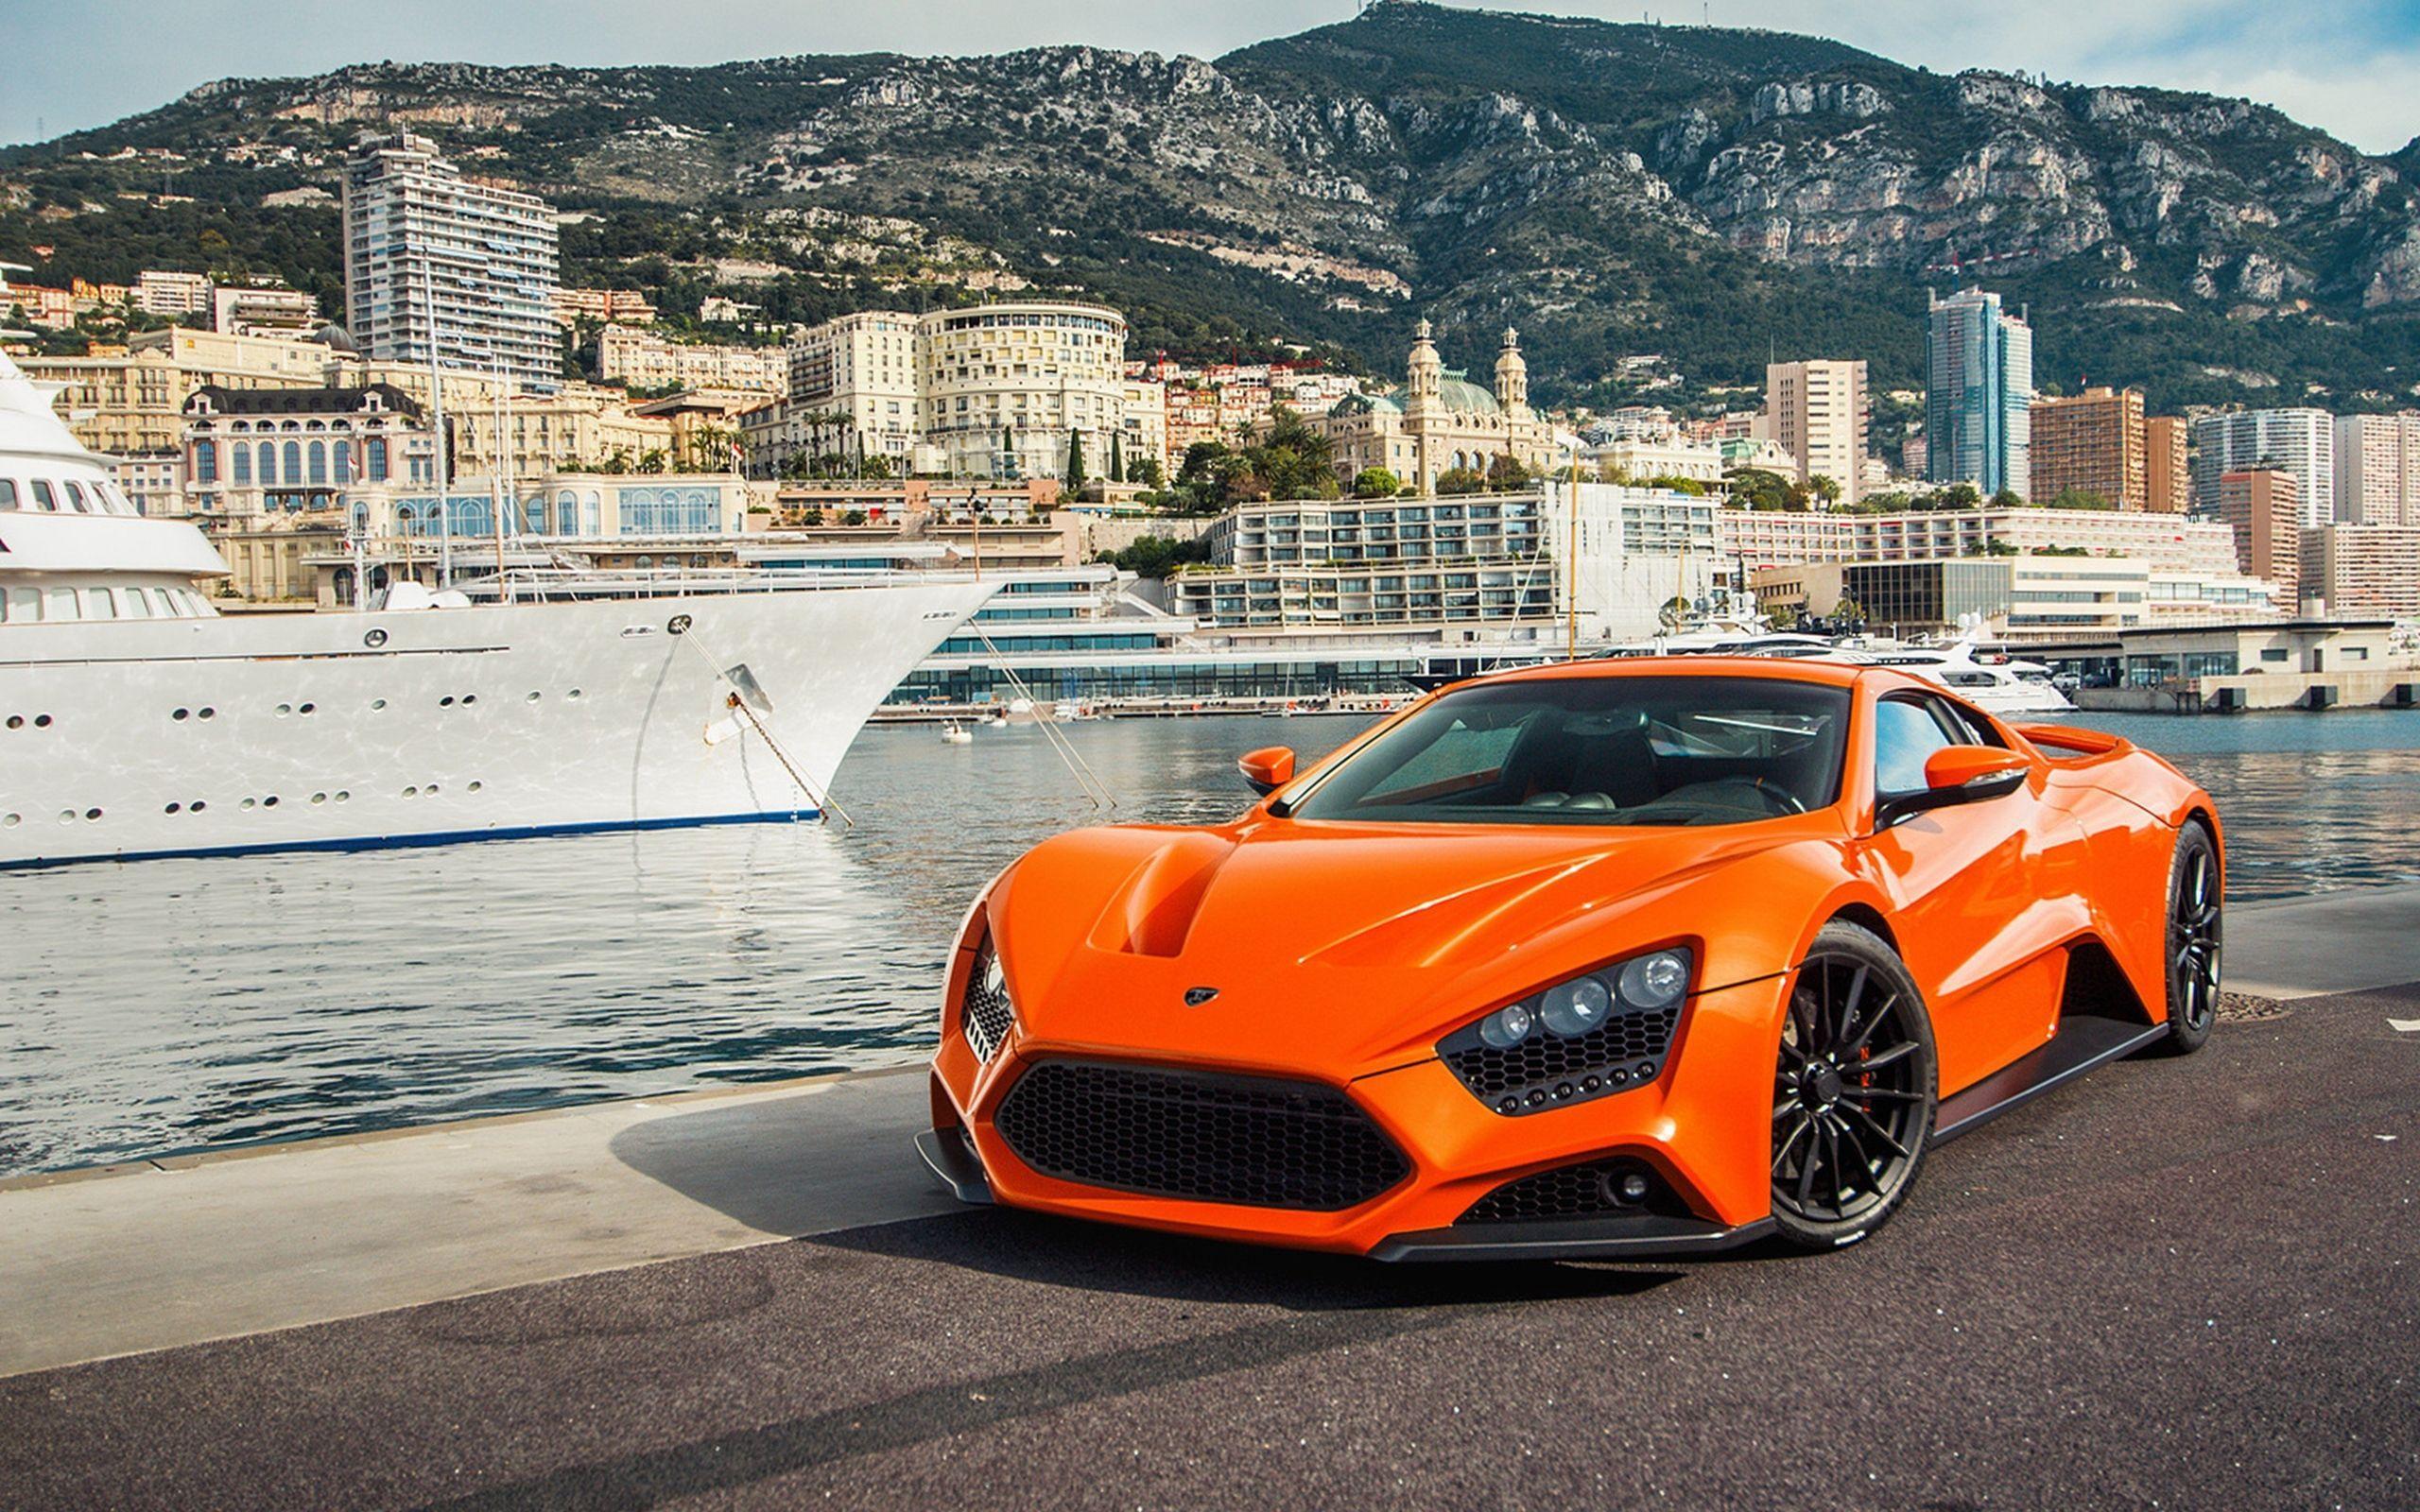 Hình nền xe hơi có độ phân giải cao 2560x1600 Nền nghệ thuật tuyệt vời với hình ảnh hình nền